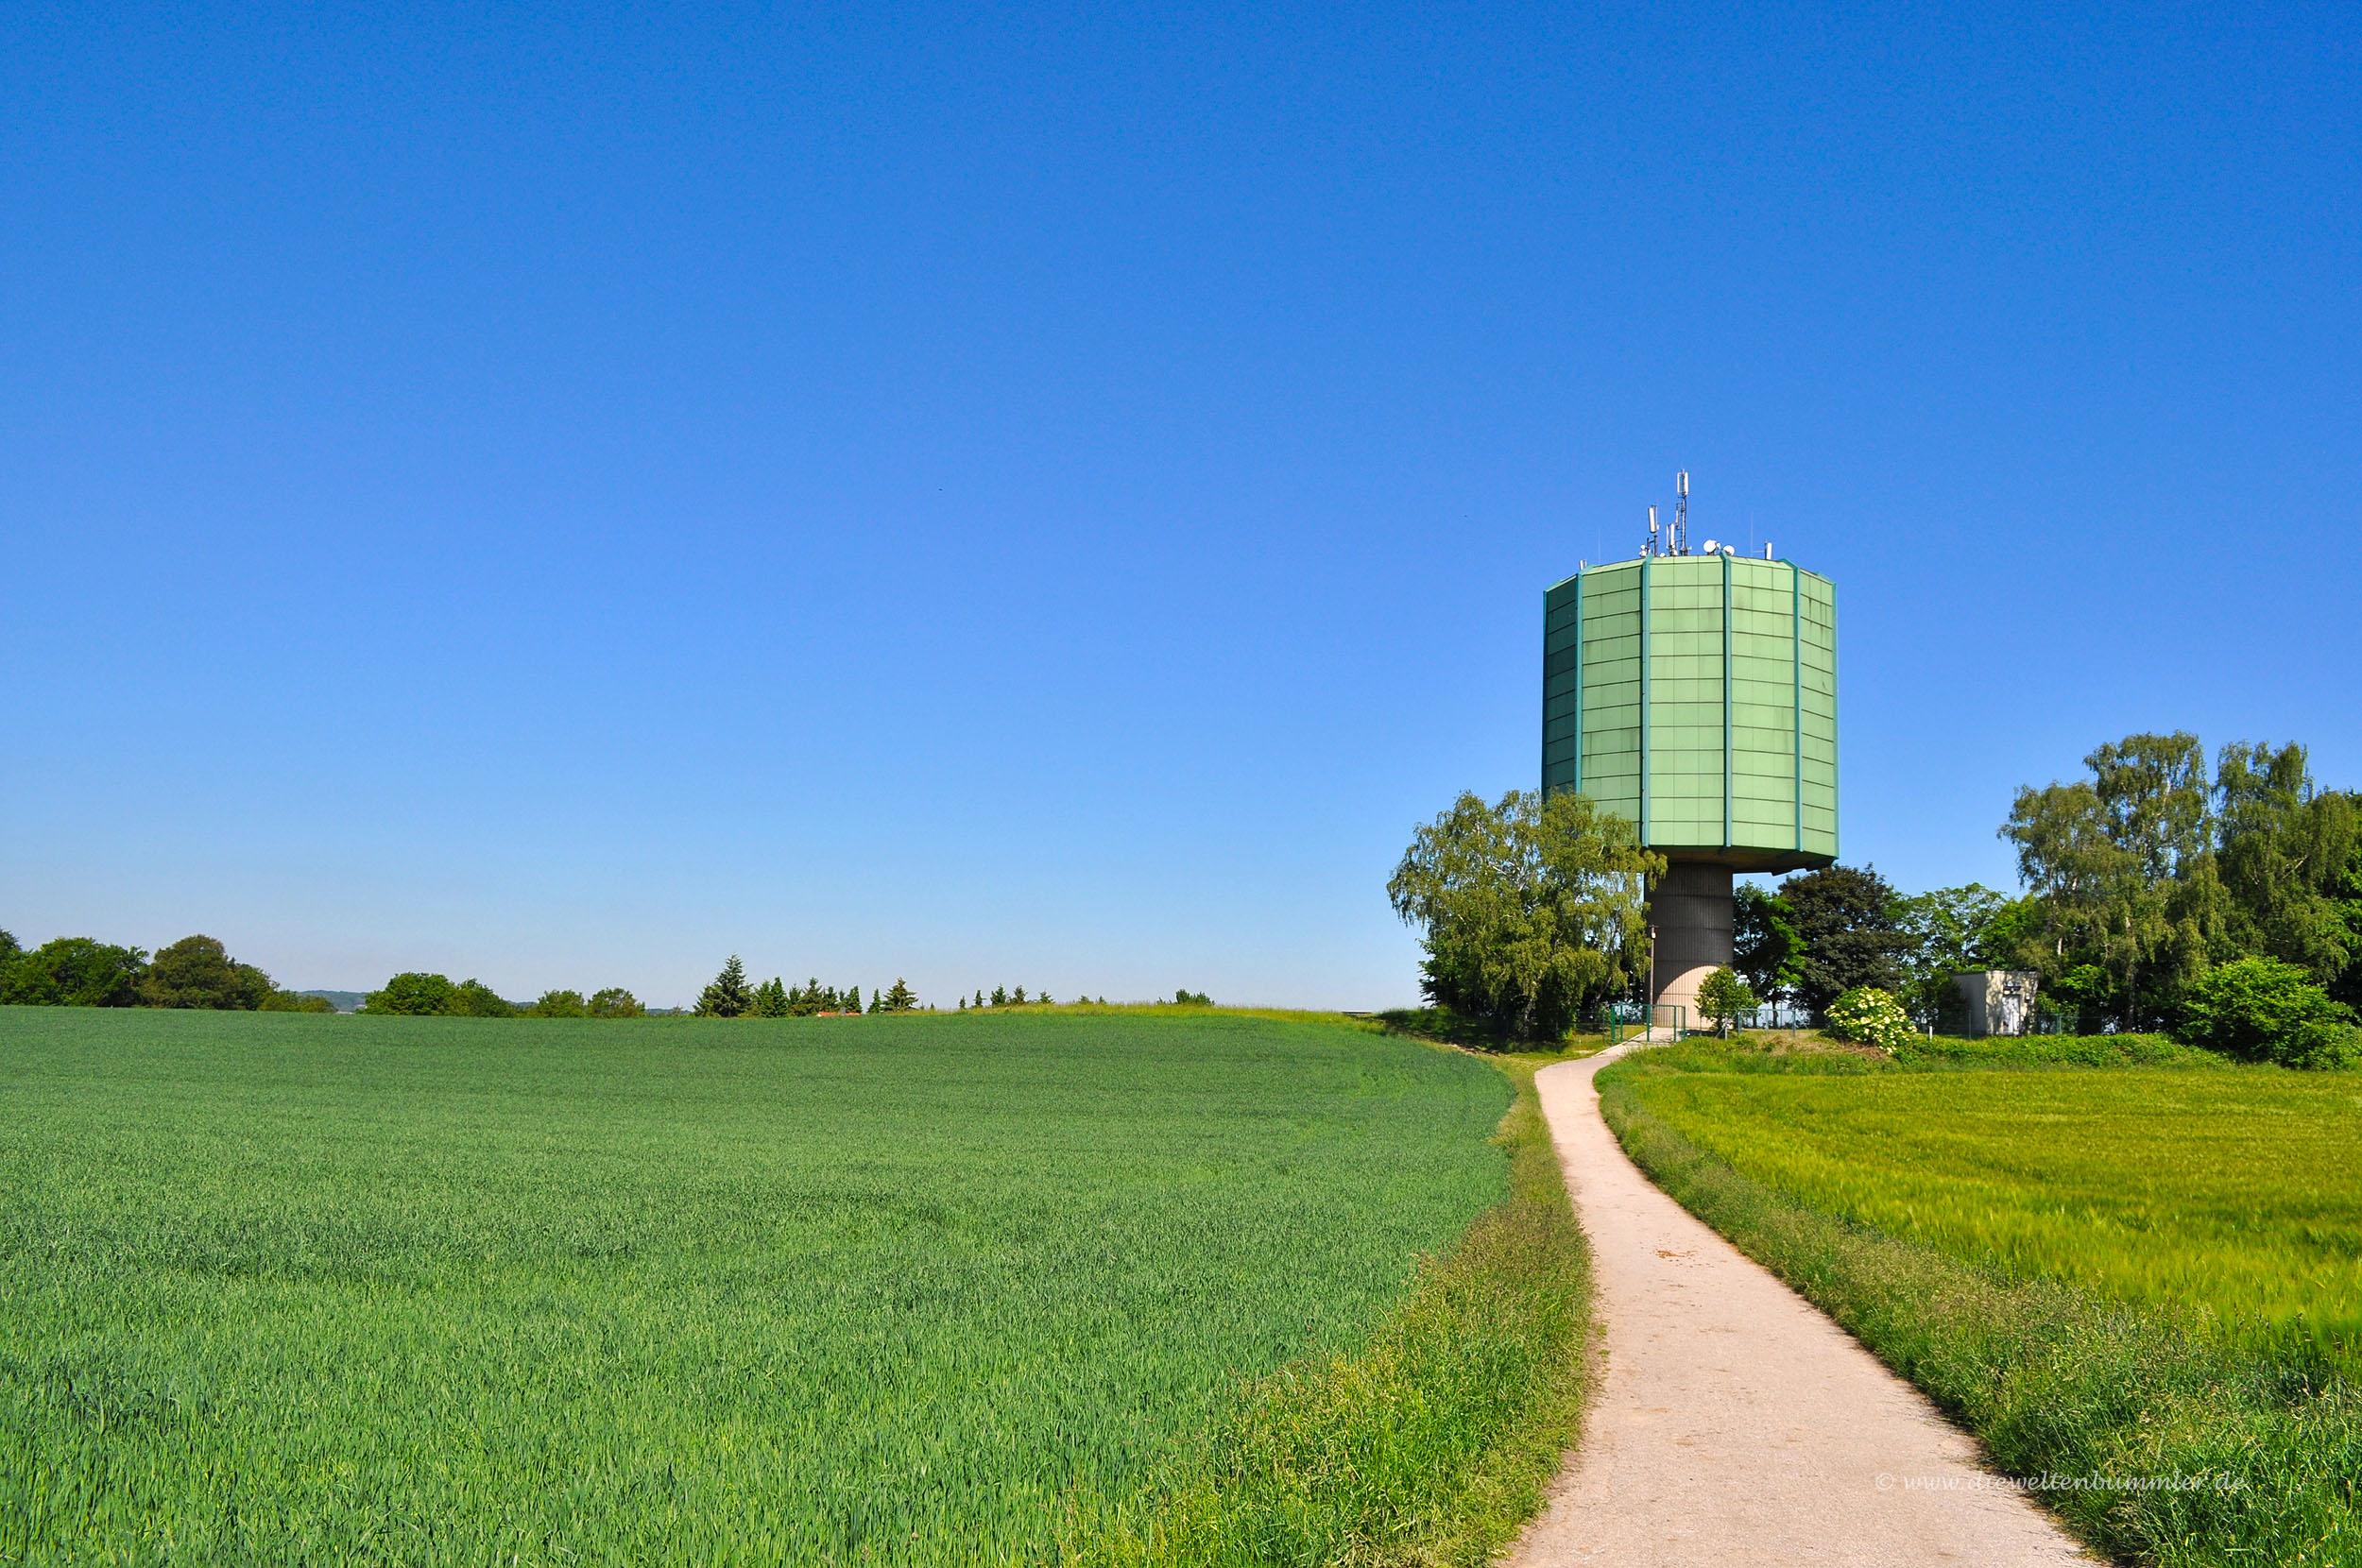 Byfanger Wasserturm